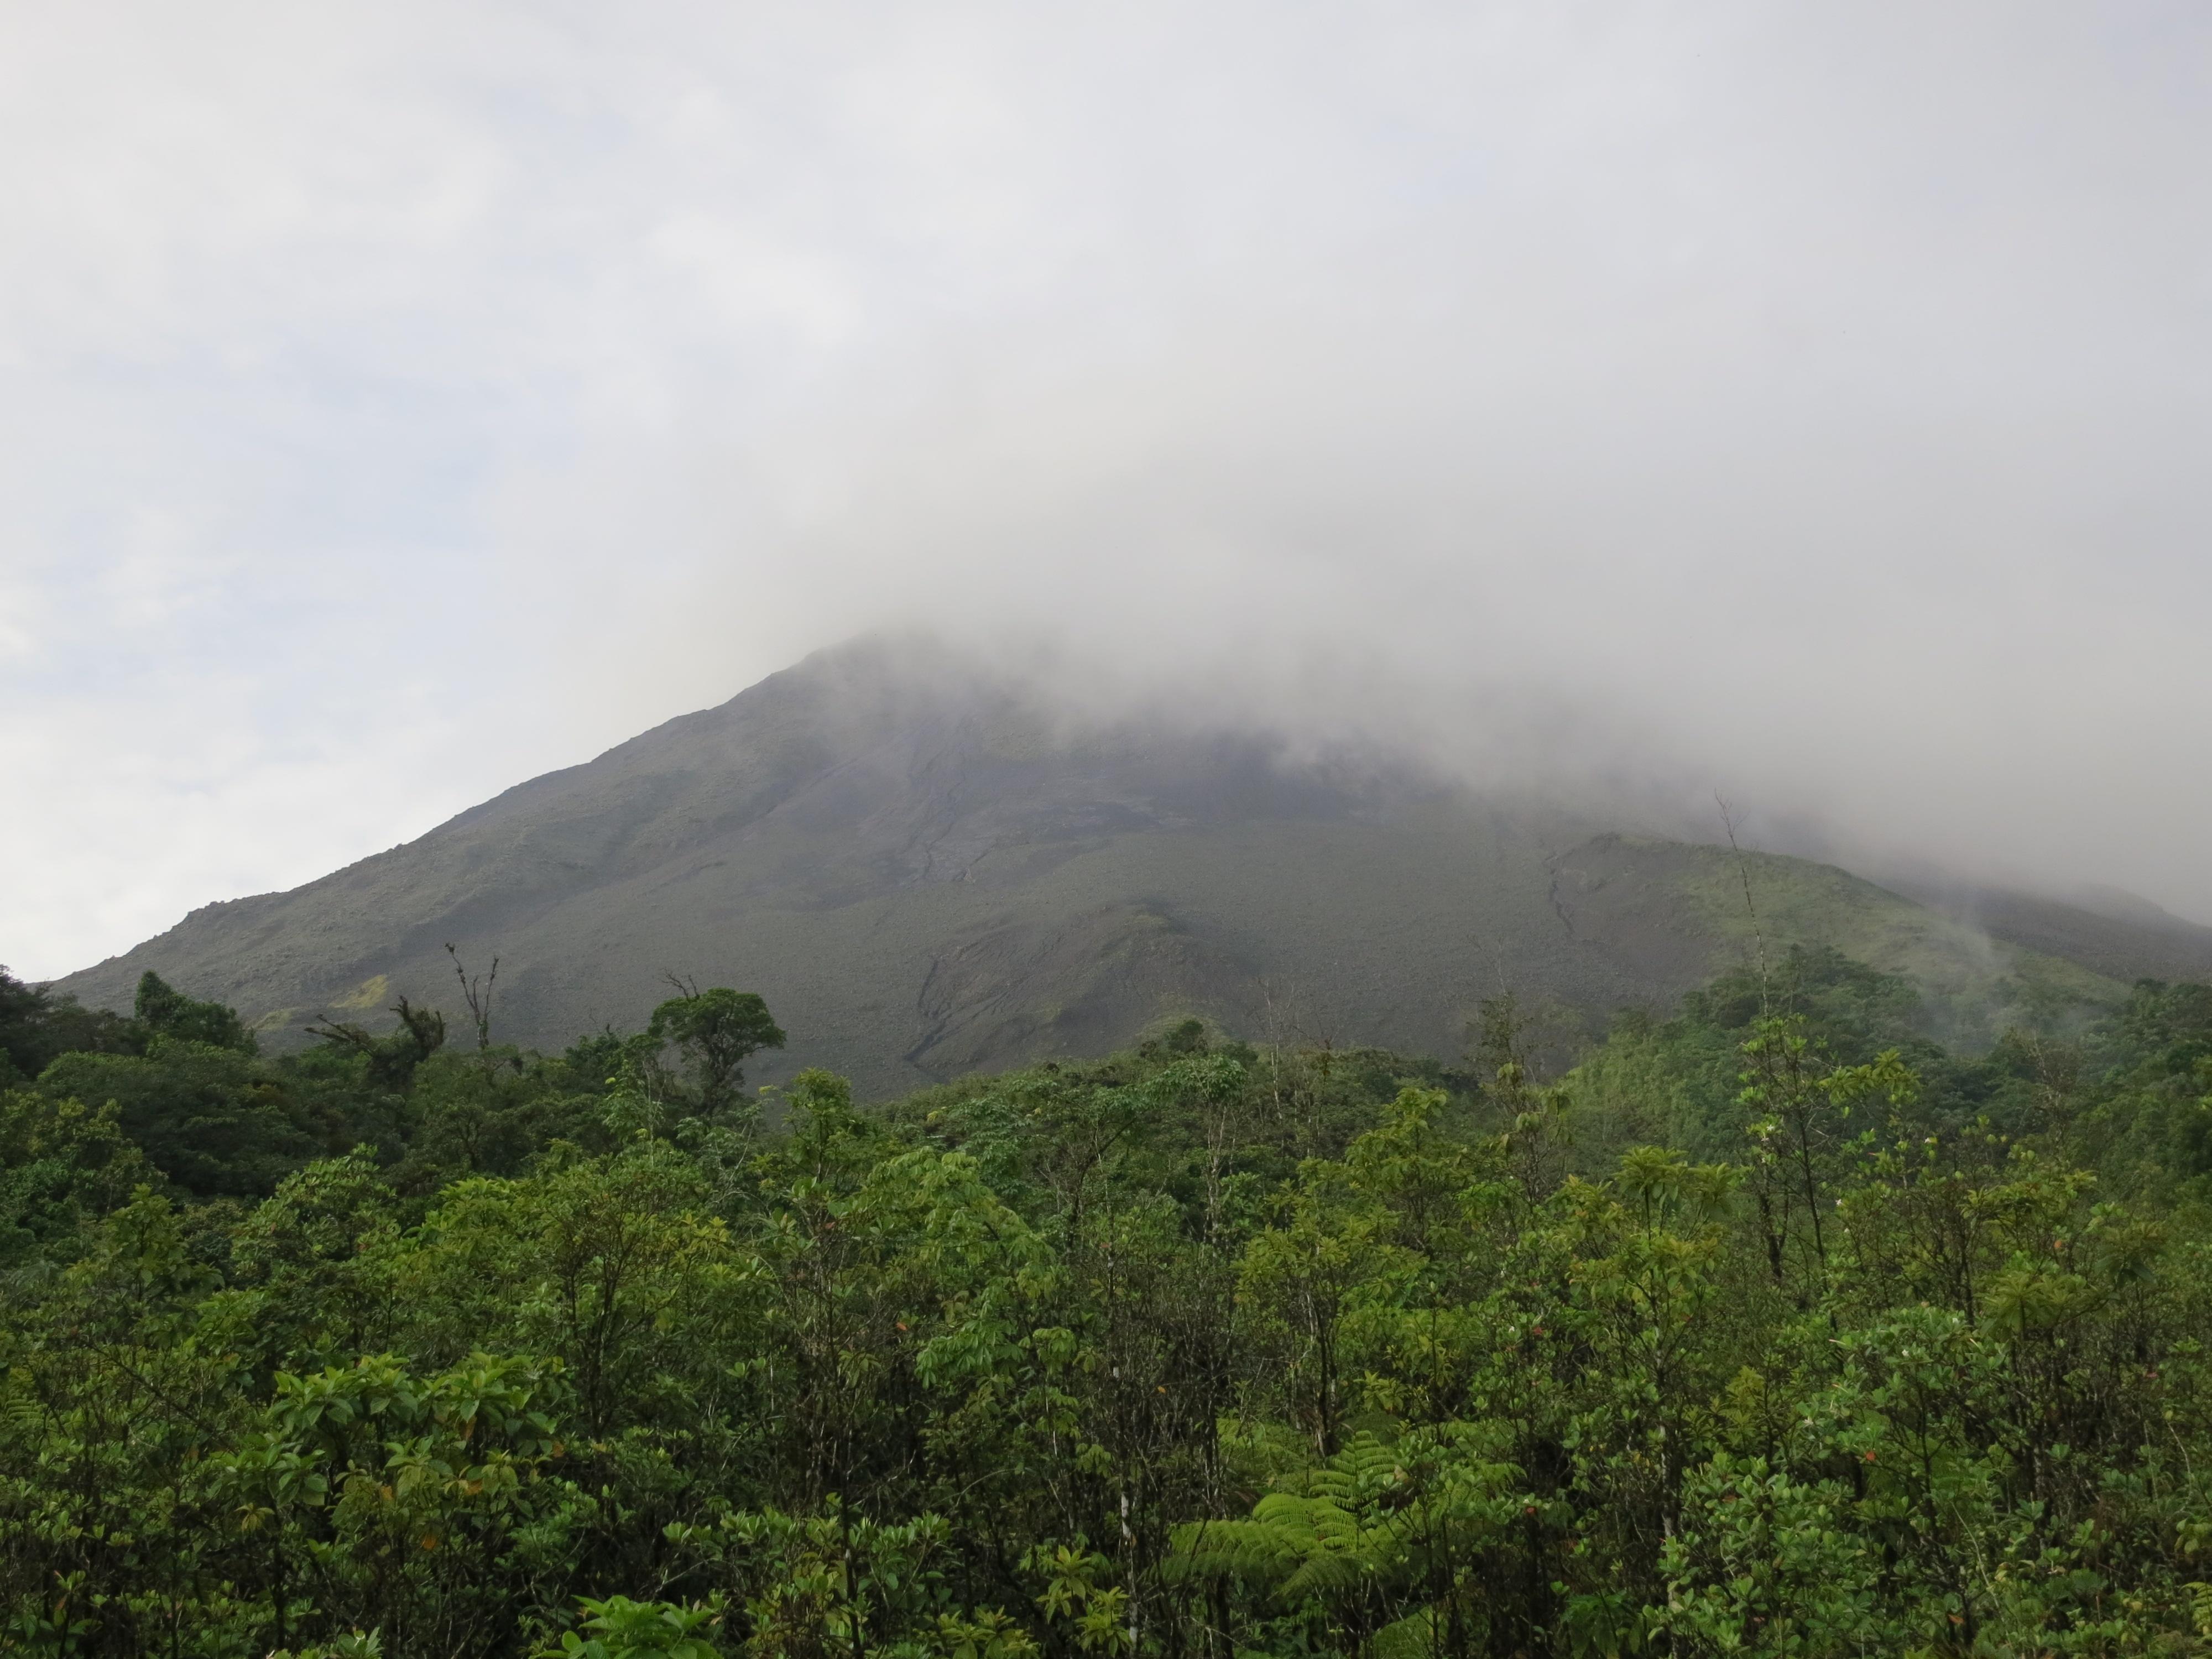 Costa Rica, 2013